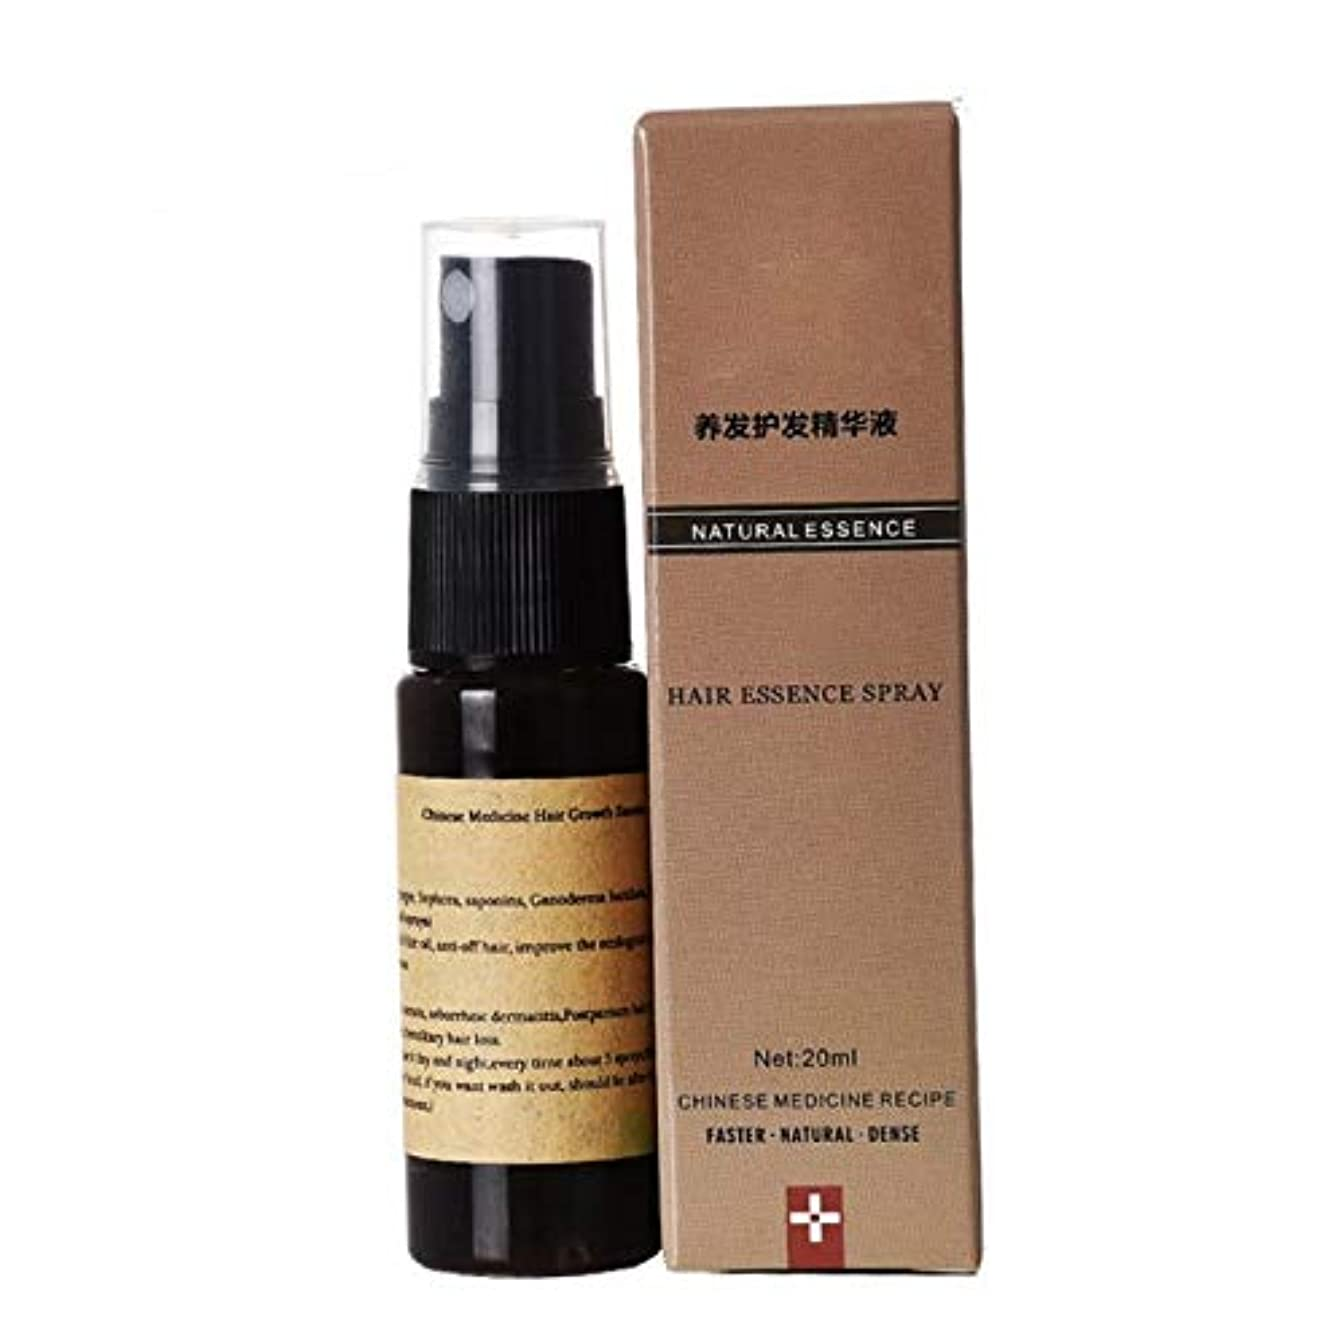 抜け毛防止シャンプーAnti Gray Hair Spray Shampoo Serum Hair Organic Fast Hair Growth Essence